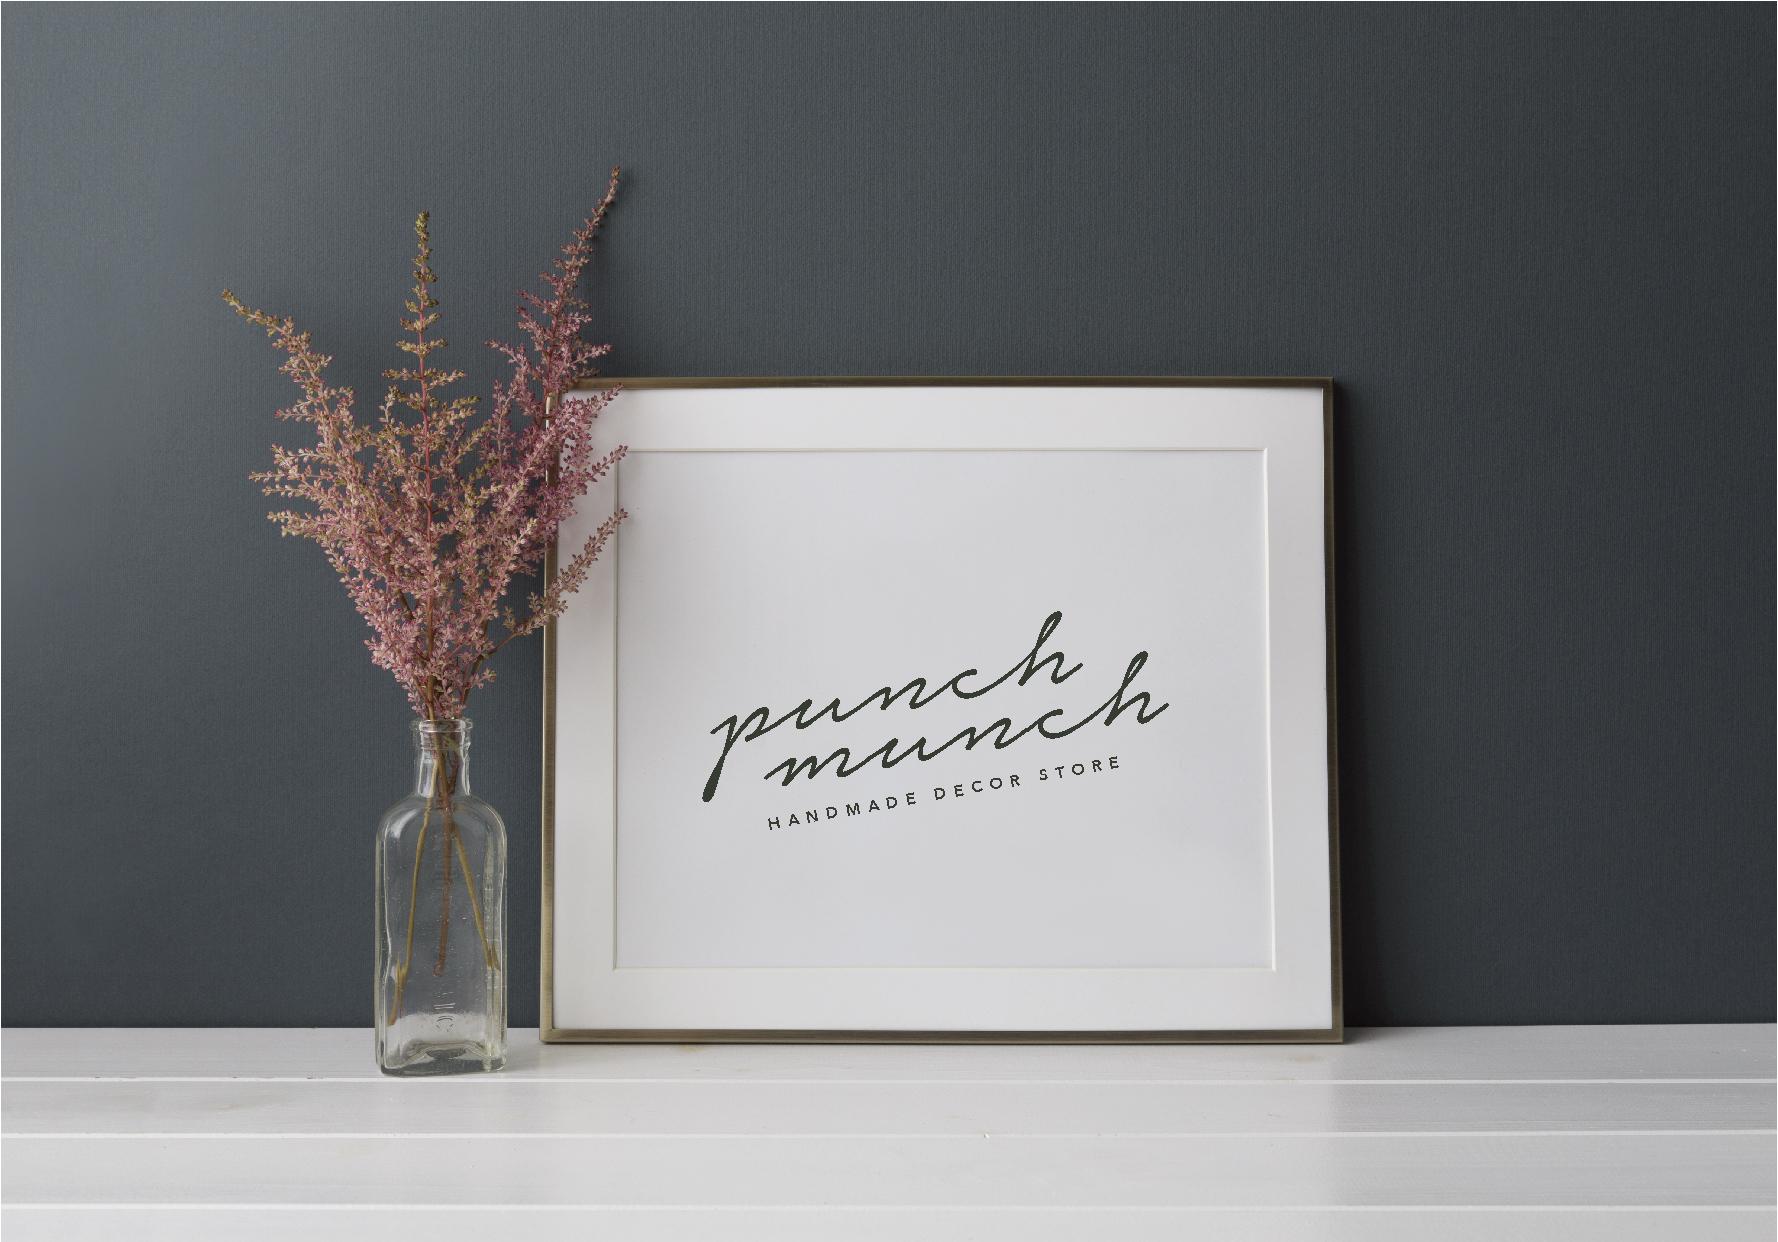 Homemade decor store logo branding kit premade-09.jpg